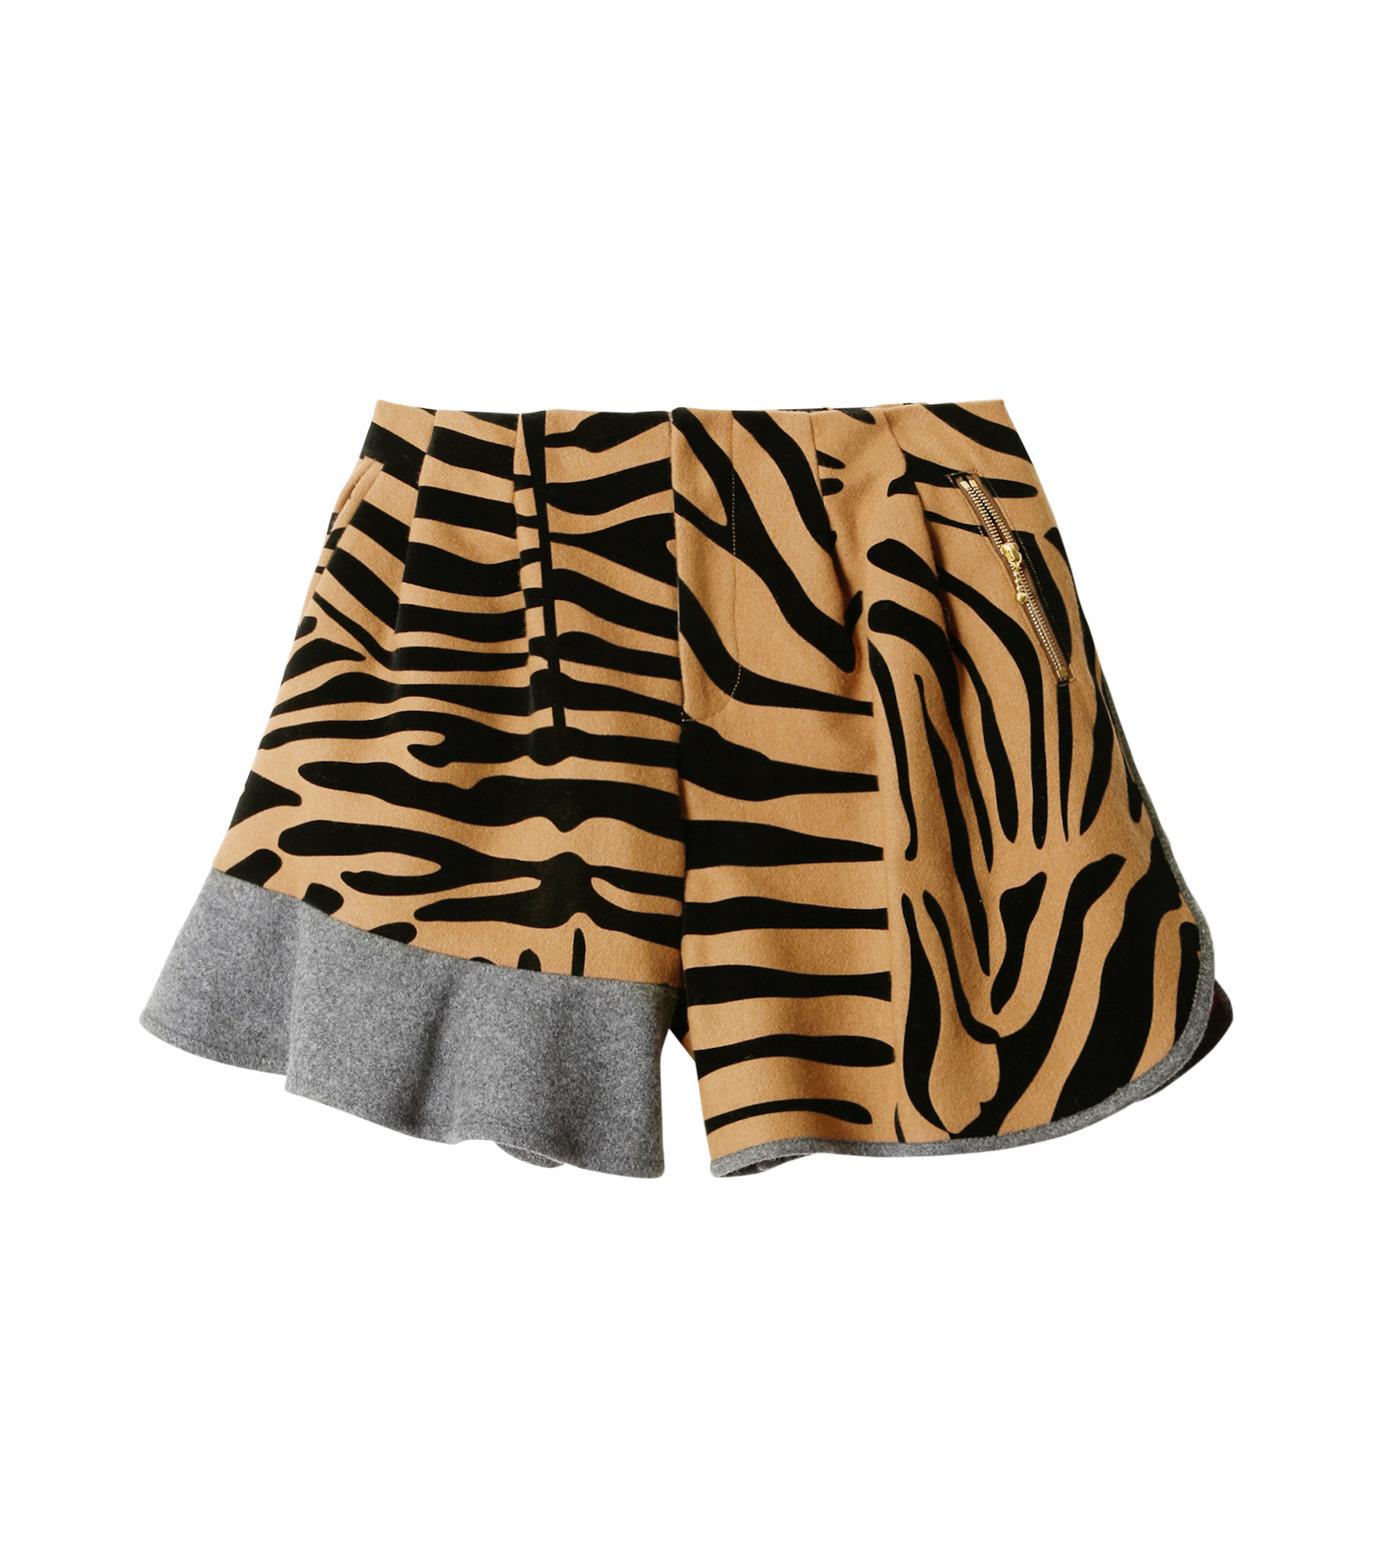 KOLOR(カラー)のMelton Flocky Zebra Mini Skirt-CAMEL(スカート/skirt)-16WCL-P02130-53 拡大詳細画像4